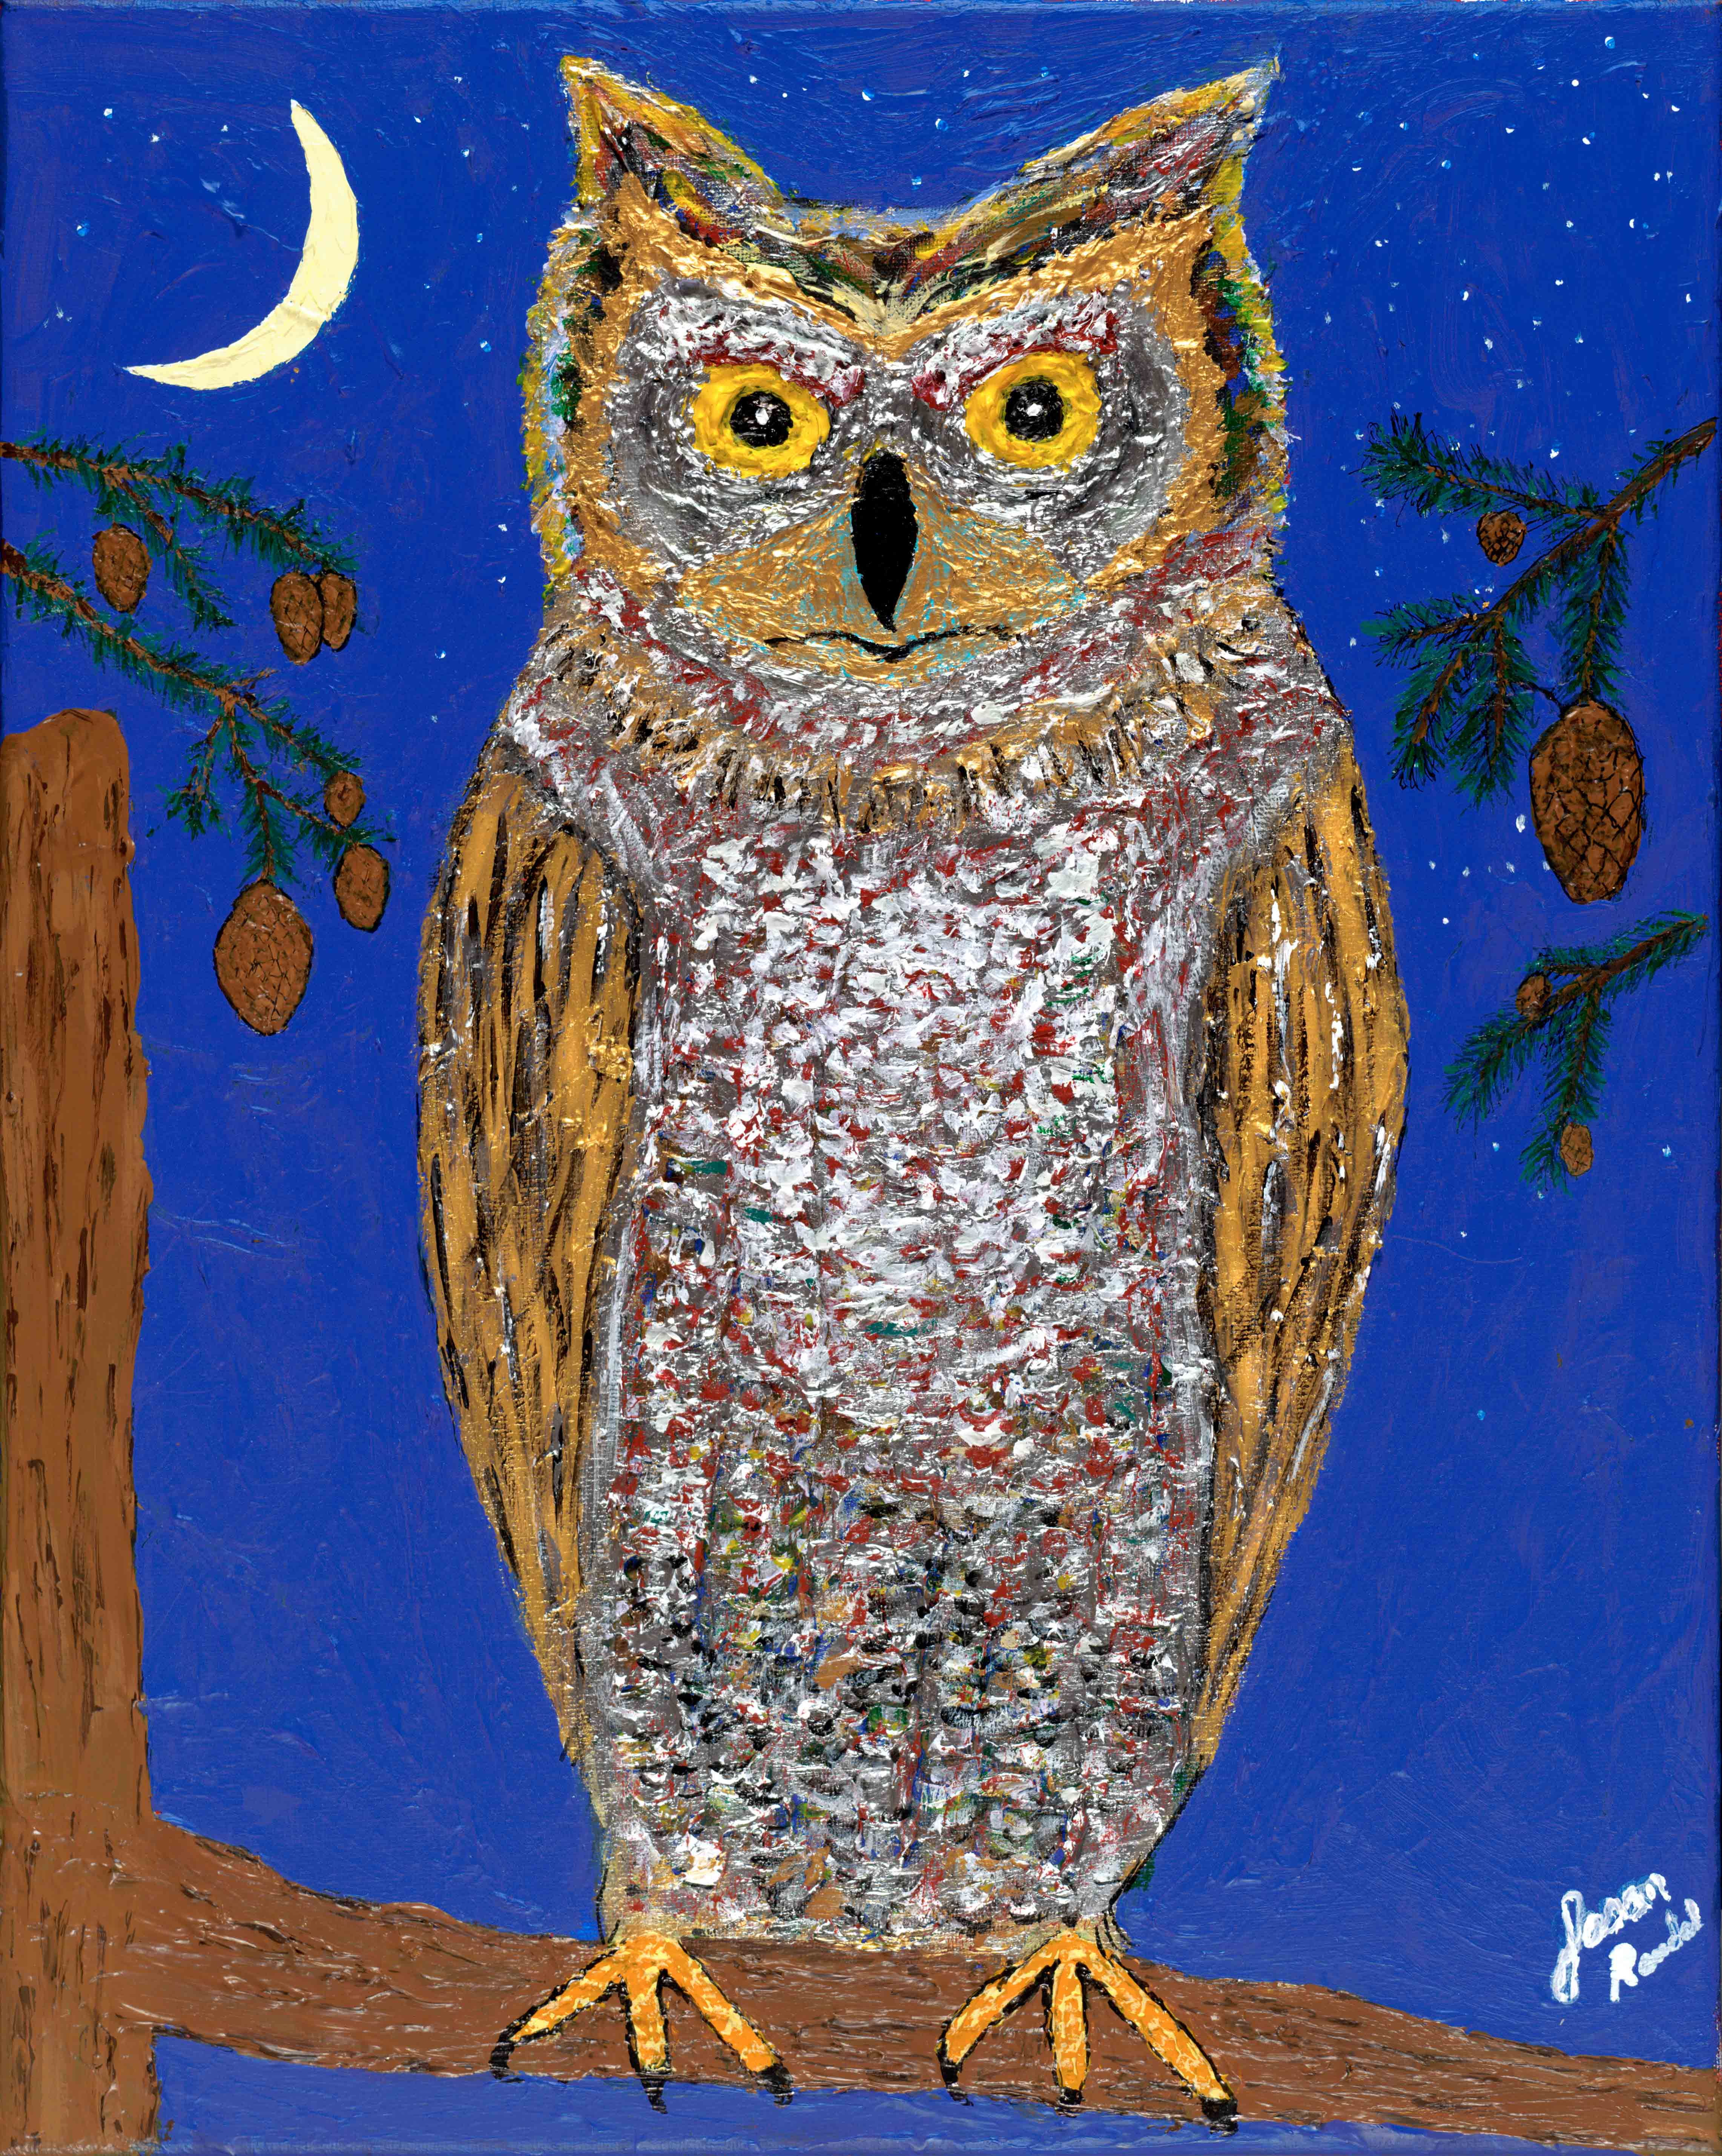 Owl, 1/20/11, 2:16 PM, 8C, 6000x4990 (0+1968), 100%, Repro 1.8 v2, 1/20 s, R117.0, G92.7, B114.4